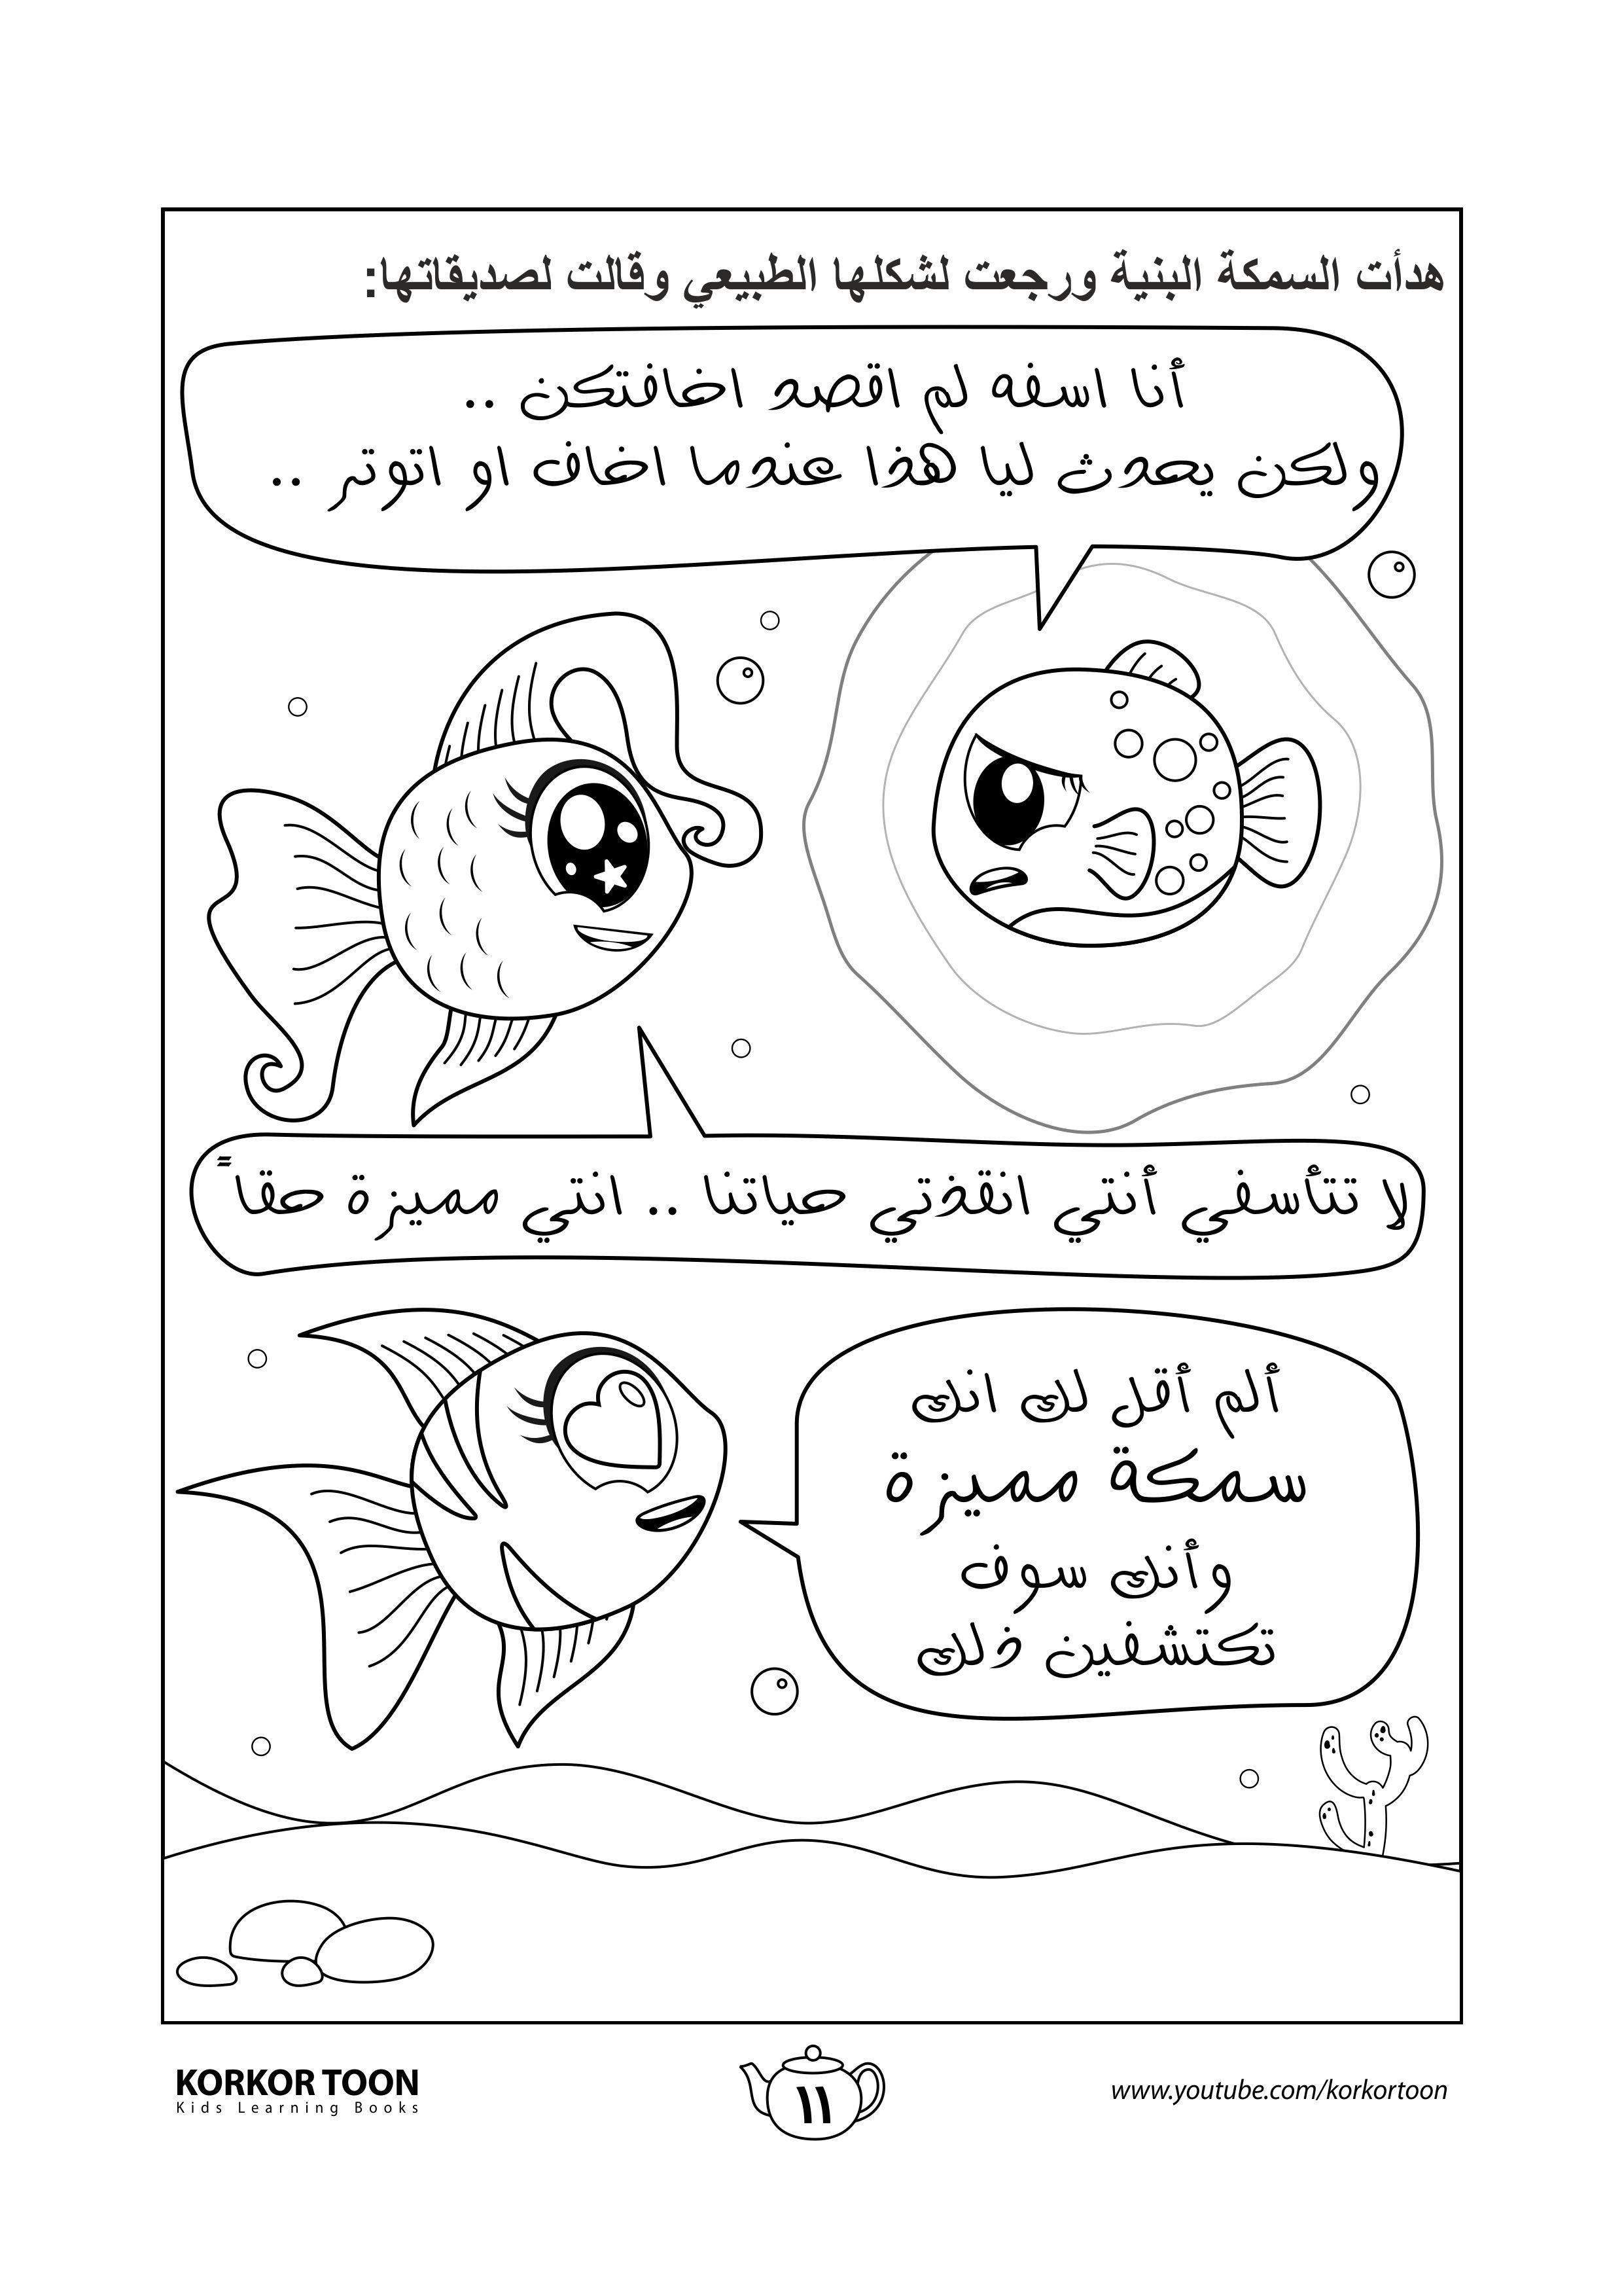 كتاب تلوين قصة السمكة المميزة صفحة 11 In 2021 Coloring Books Books Color